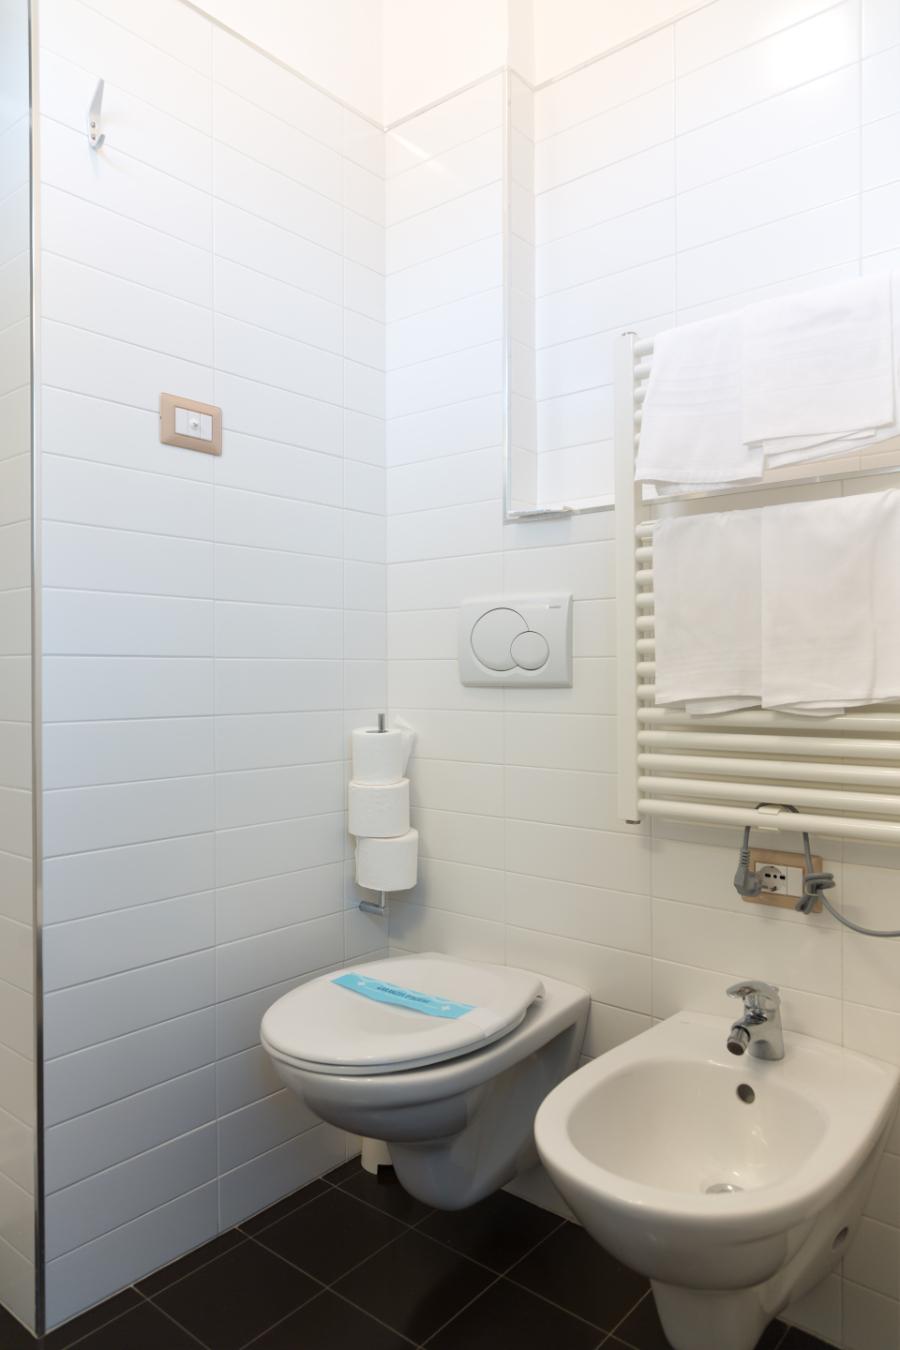 Miramare Hotel Matrimoniale Camera Comfort 6-14